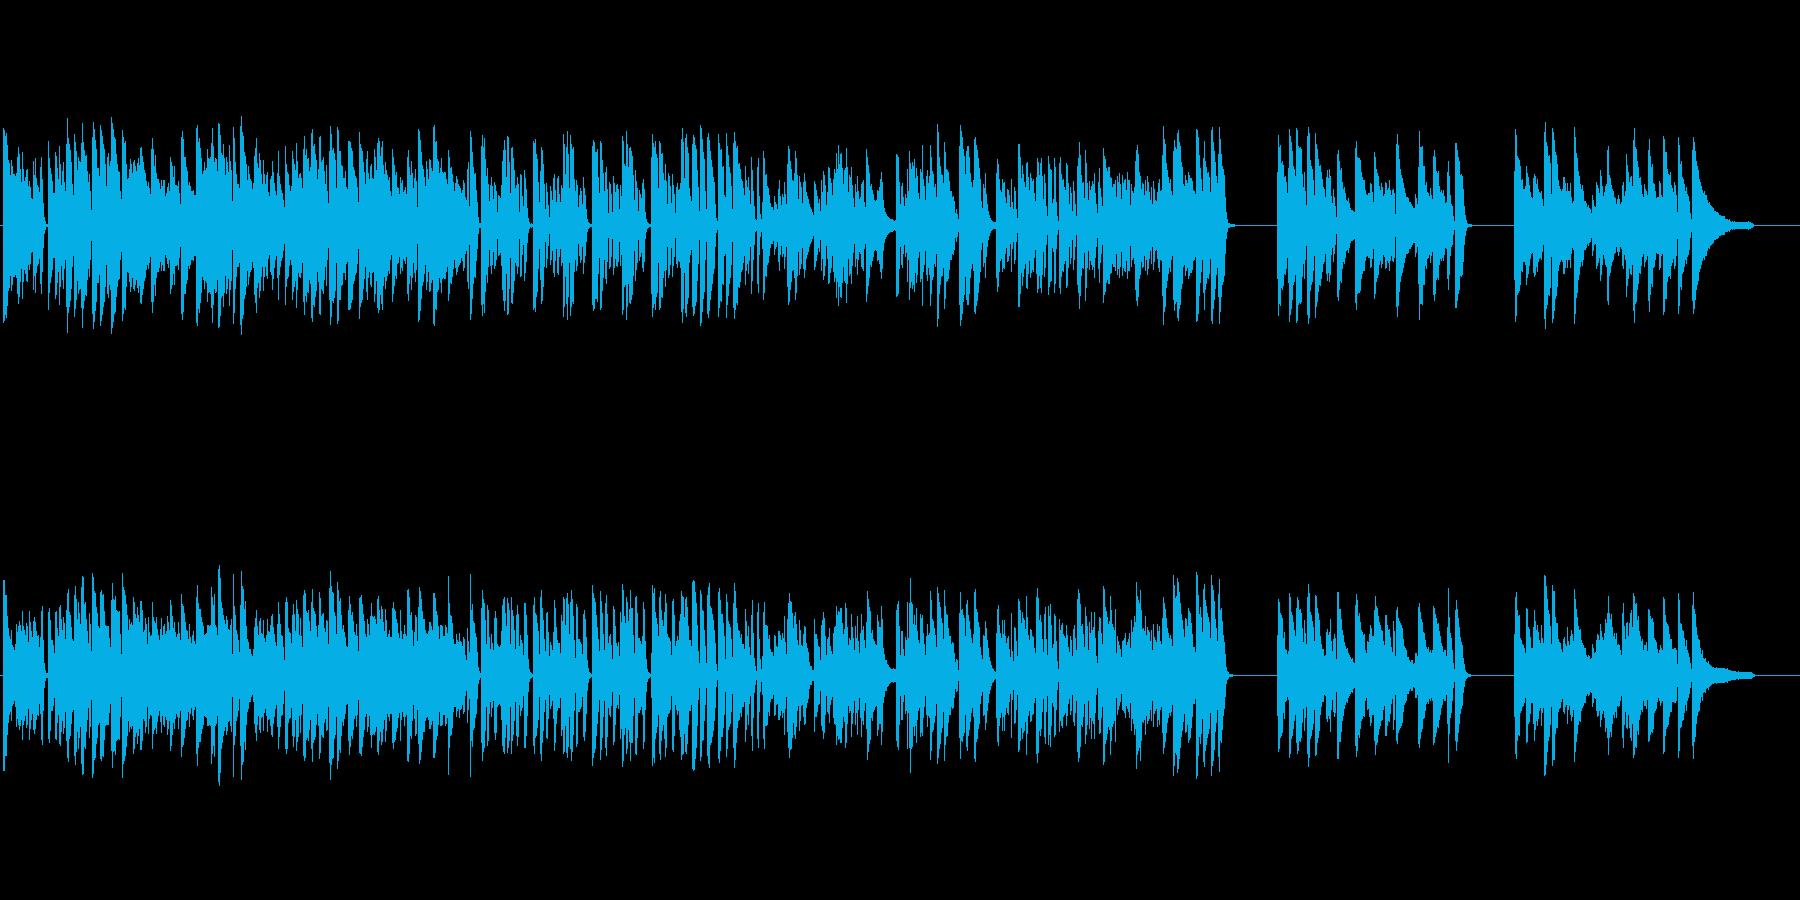 フュージョンライクなピアノトリオ楽曲の再生済みの波形